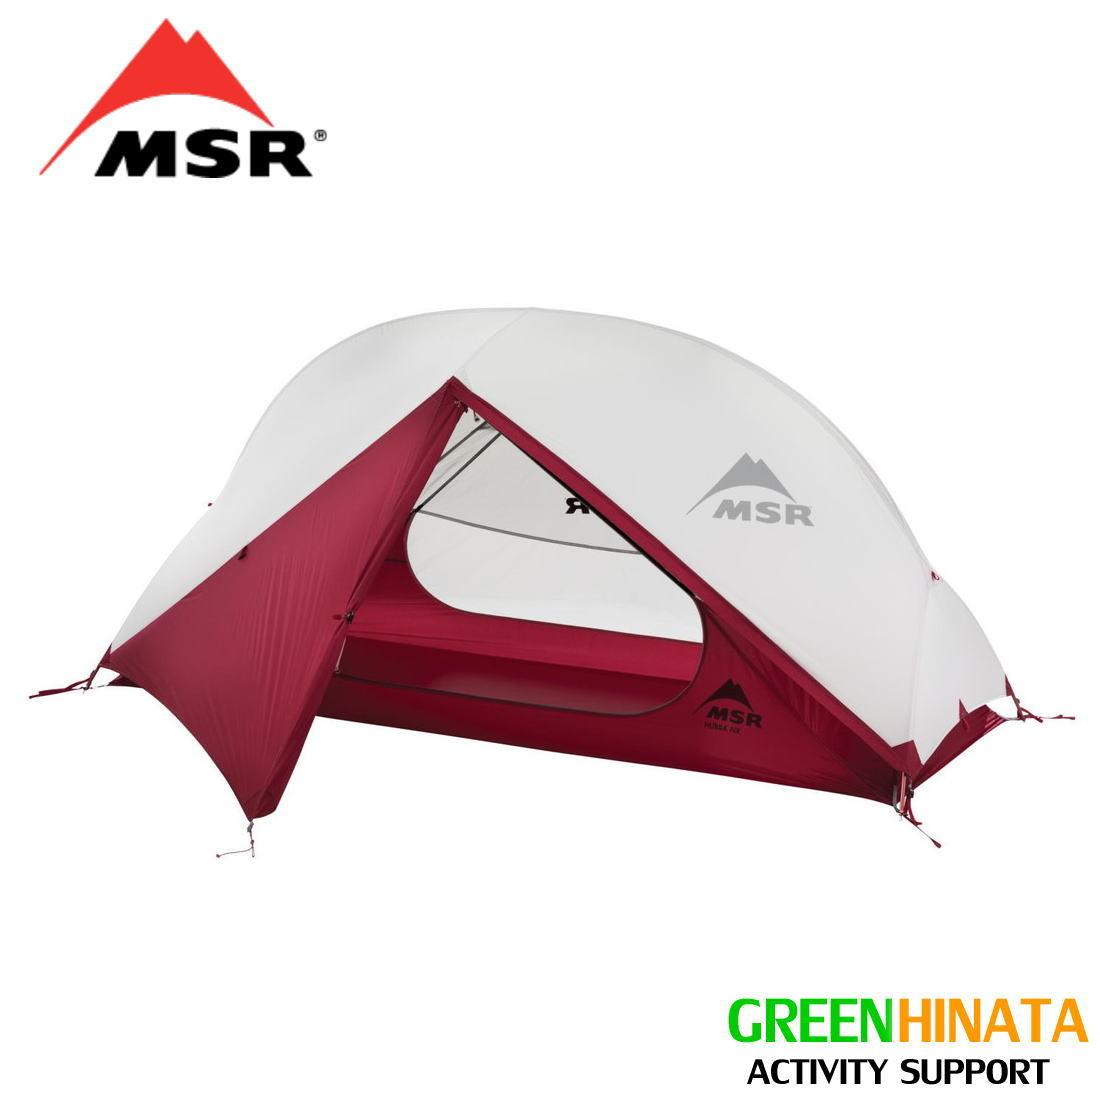 【国内正規品】 エムエスアール テント ハバ NX 19 1人用テント MSR HUBBA NX 2019 UPDATE MODEL